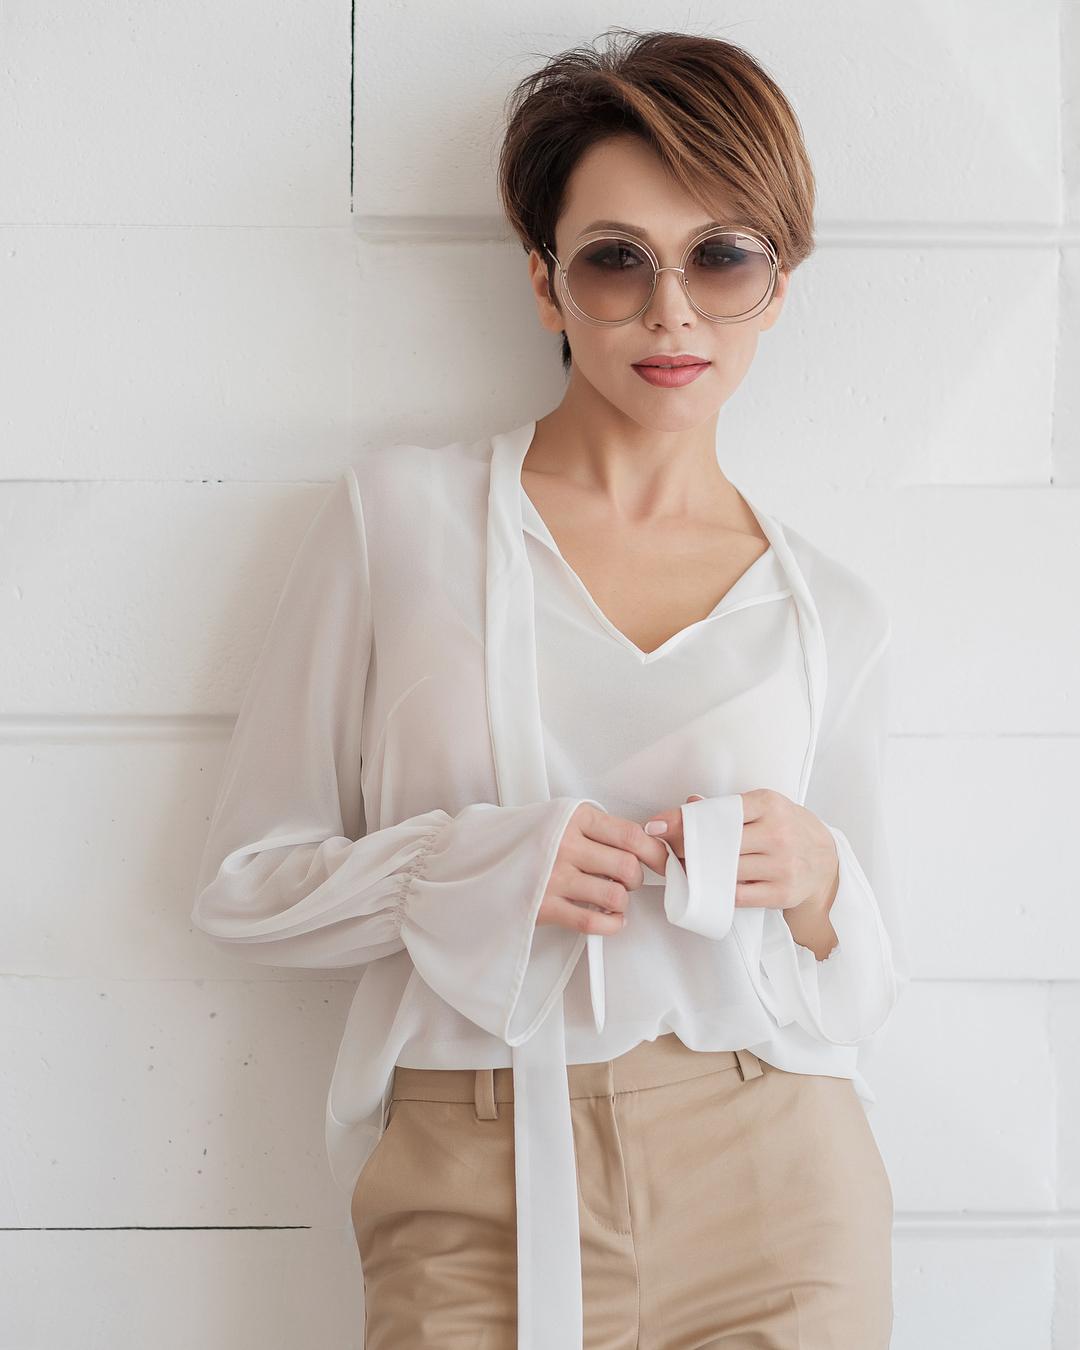 гардероб современной женщины фото6